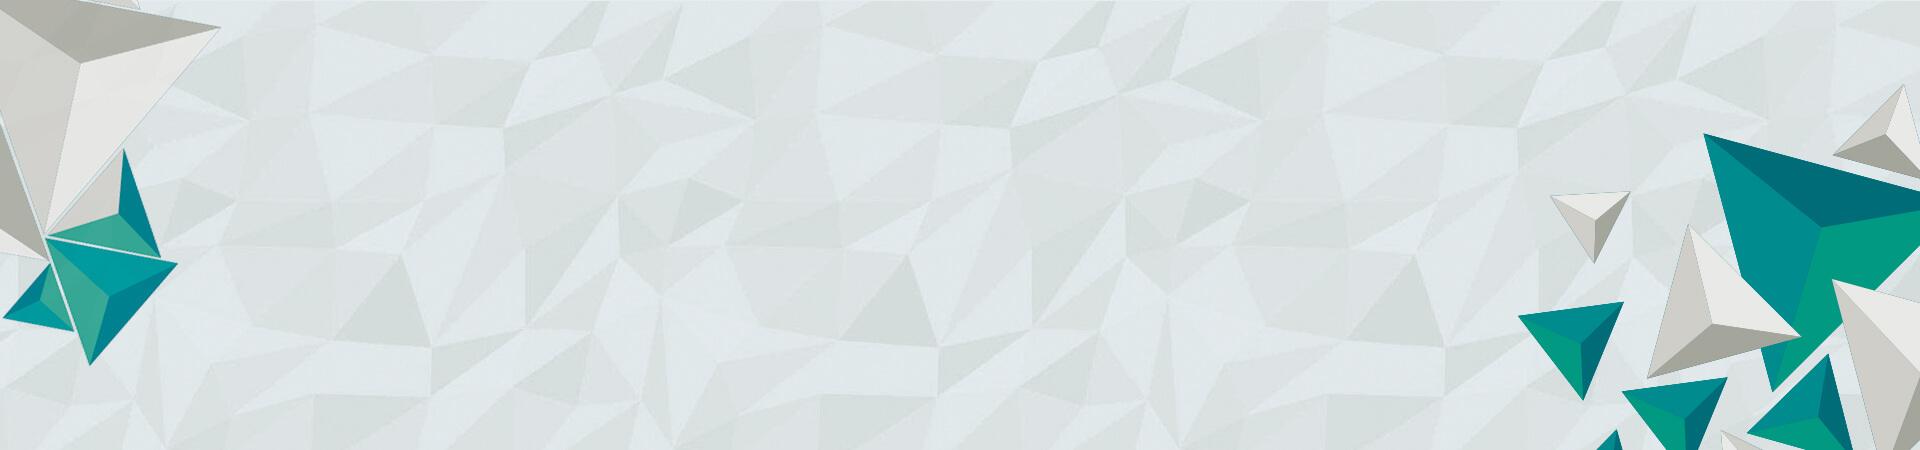 بنر نوینیک - سیمای خلاق آیریک